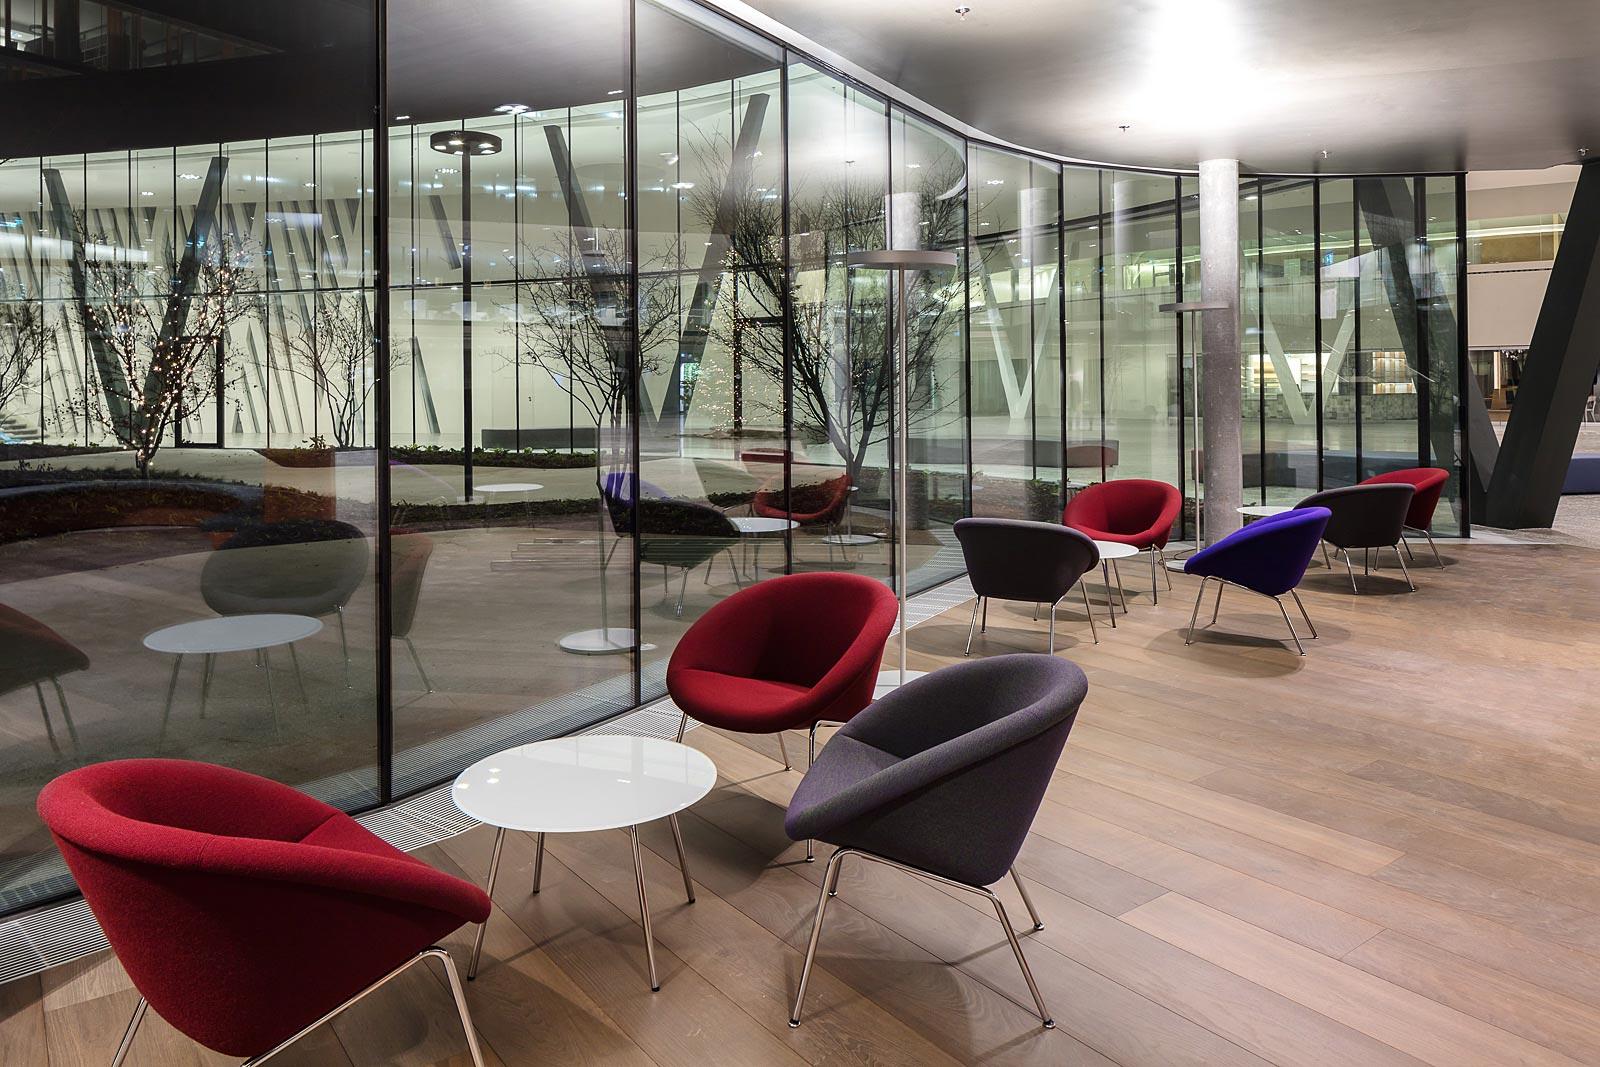 Architekturfotograf Wien und München, Lounge Walter Knoll, Interior Fotografie in Wien